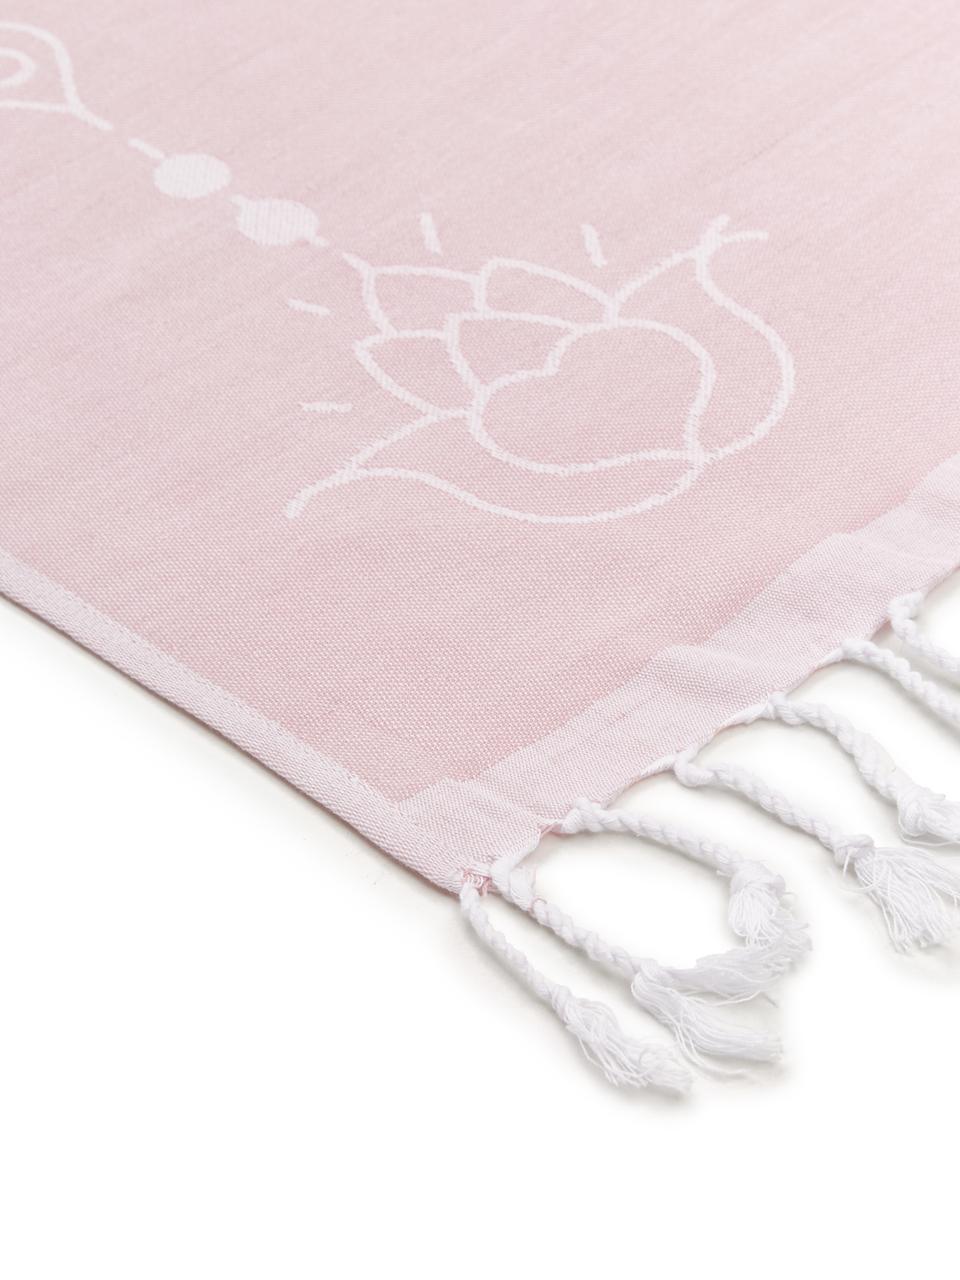 Telo fouta in cotone Lotus, Cotone Qualità del tessuto leggero, 210g/m², Rosa, bianco, Larg. 90 x Lung. 180 cm